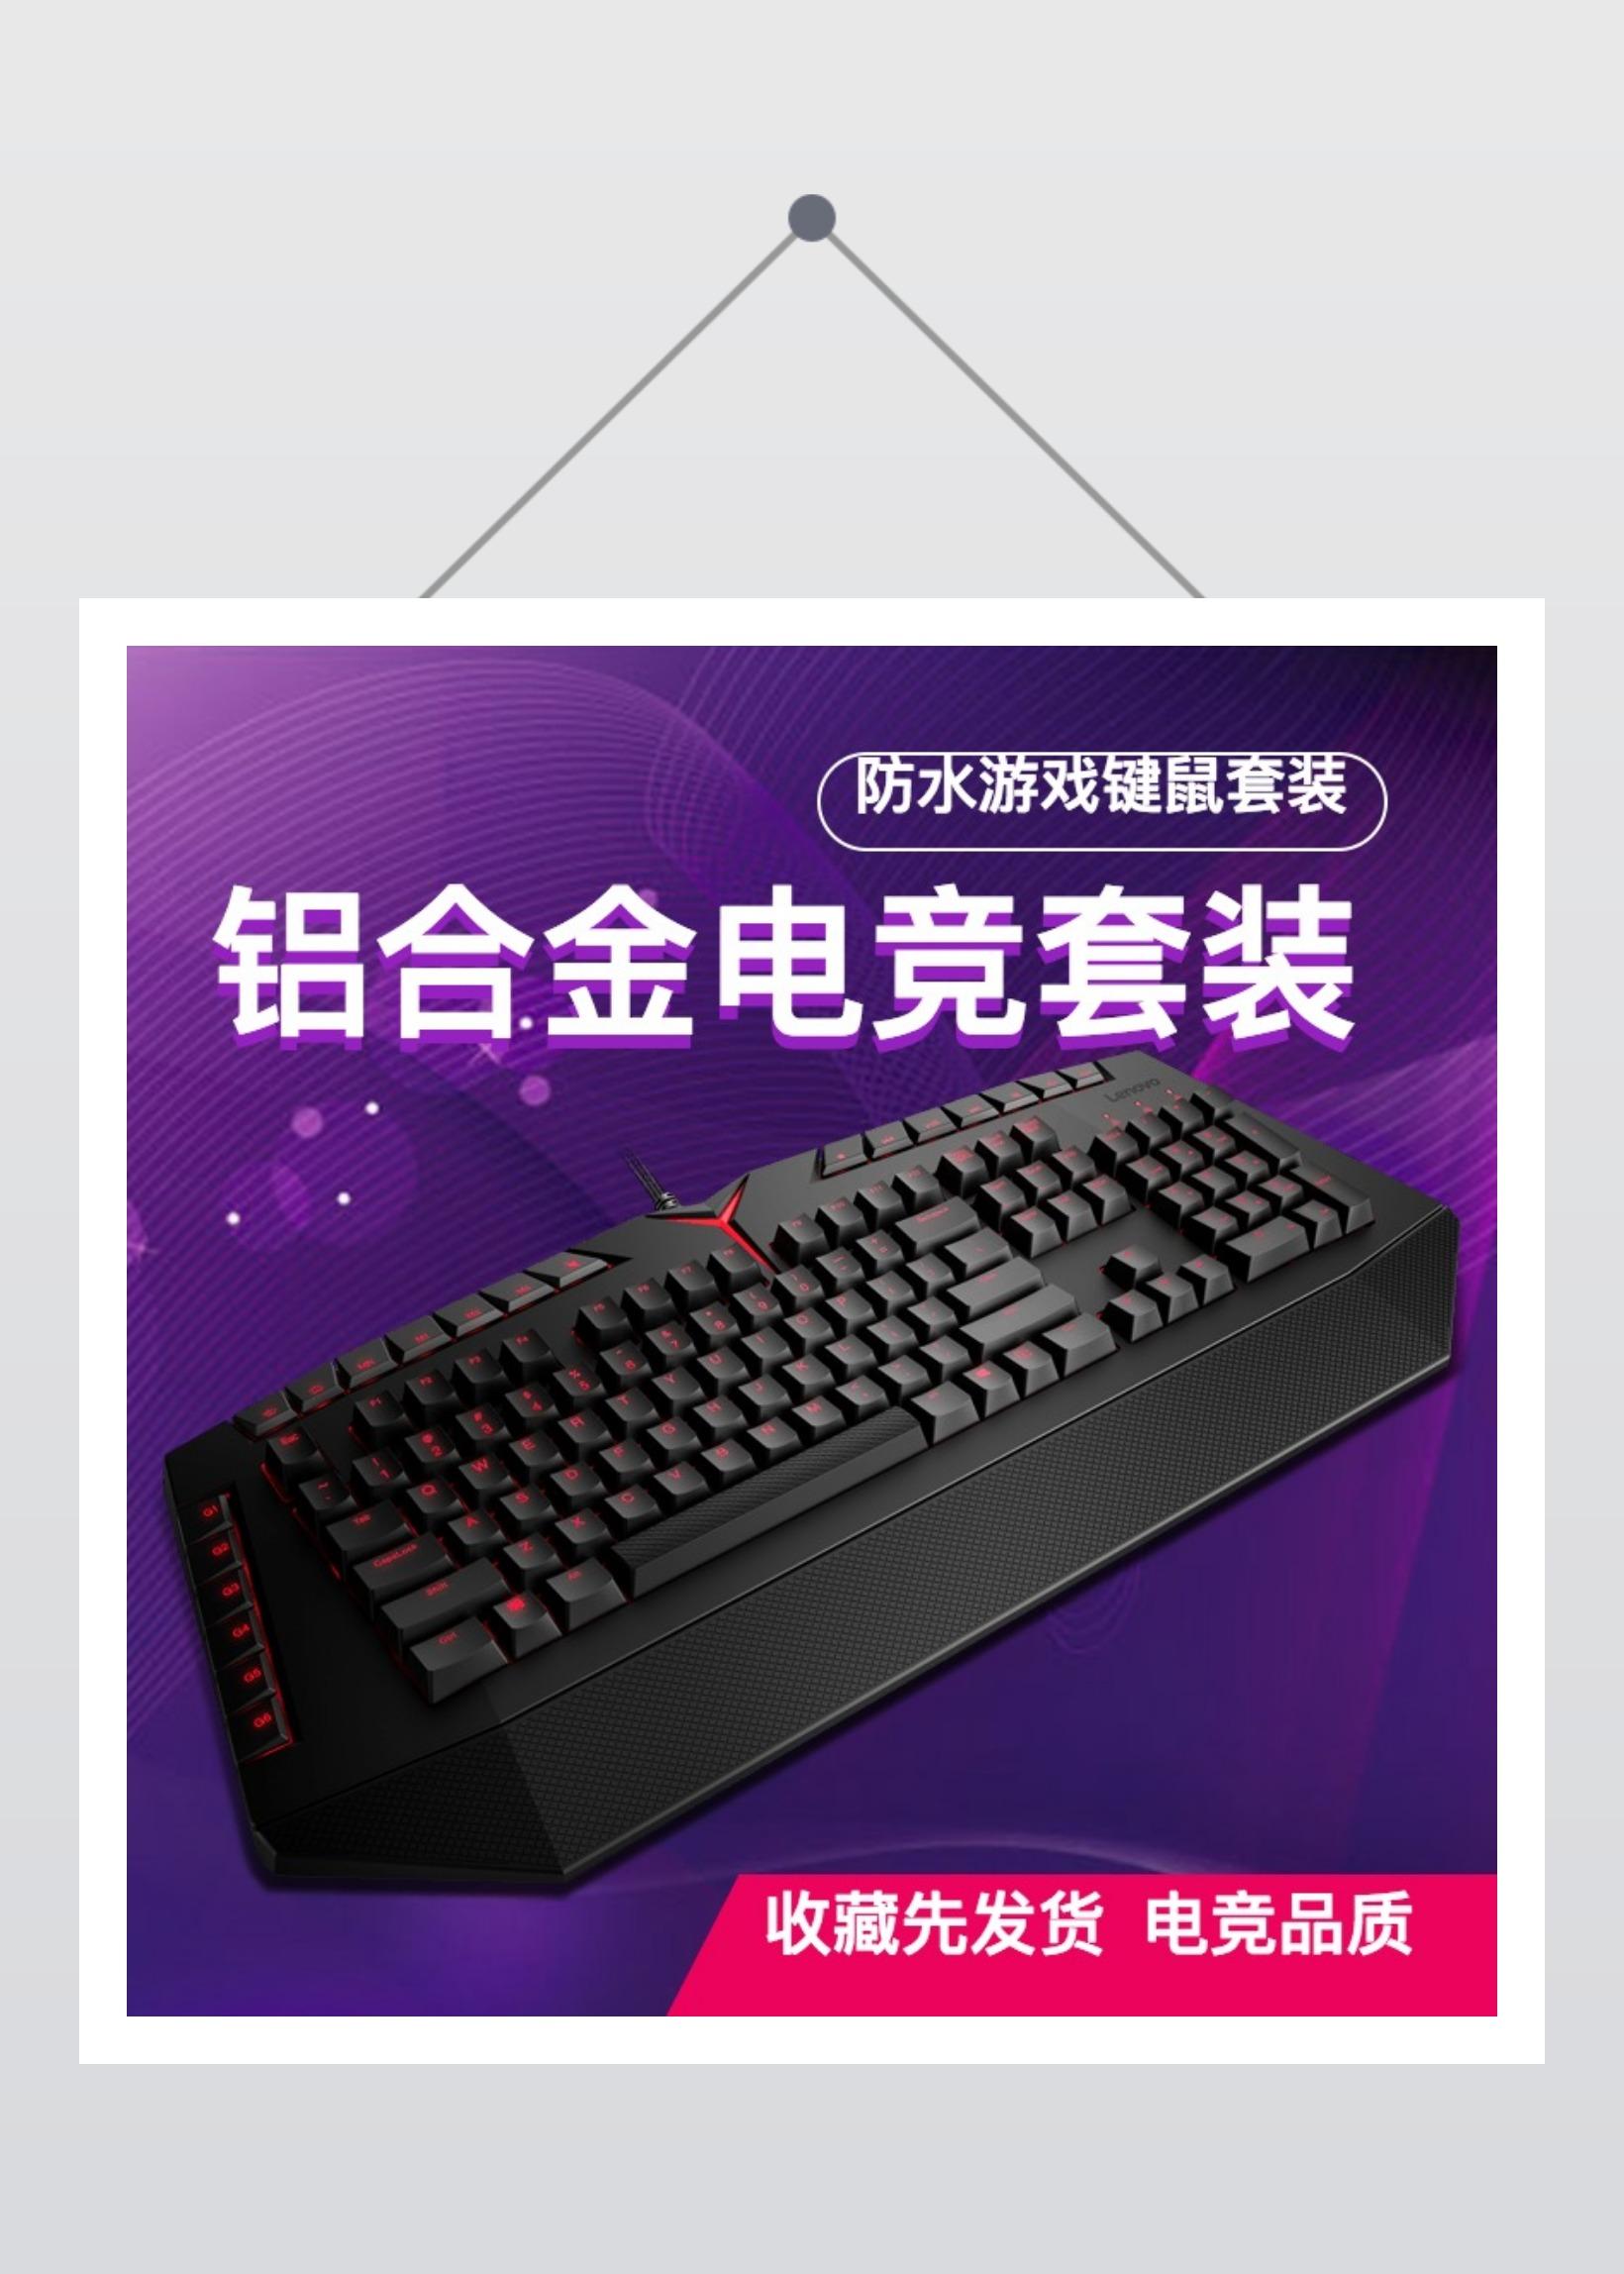 时尚炫酷防水键盘电商主图